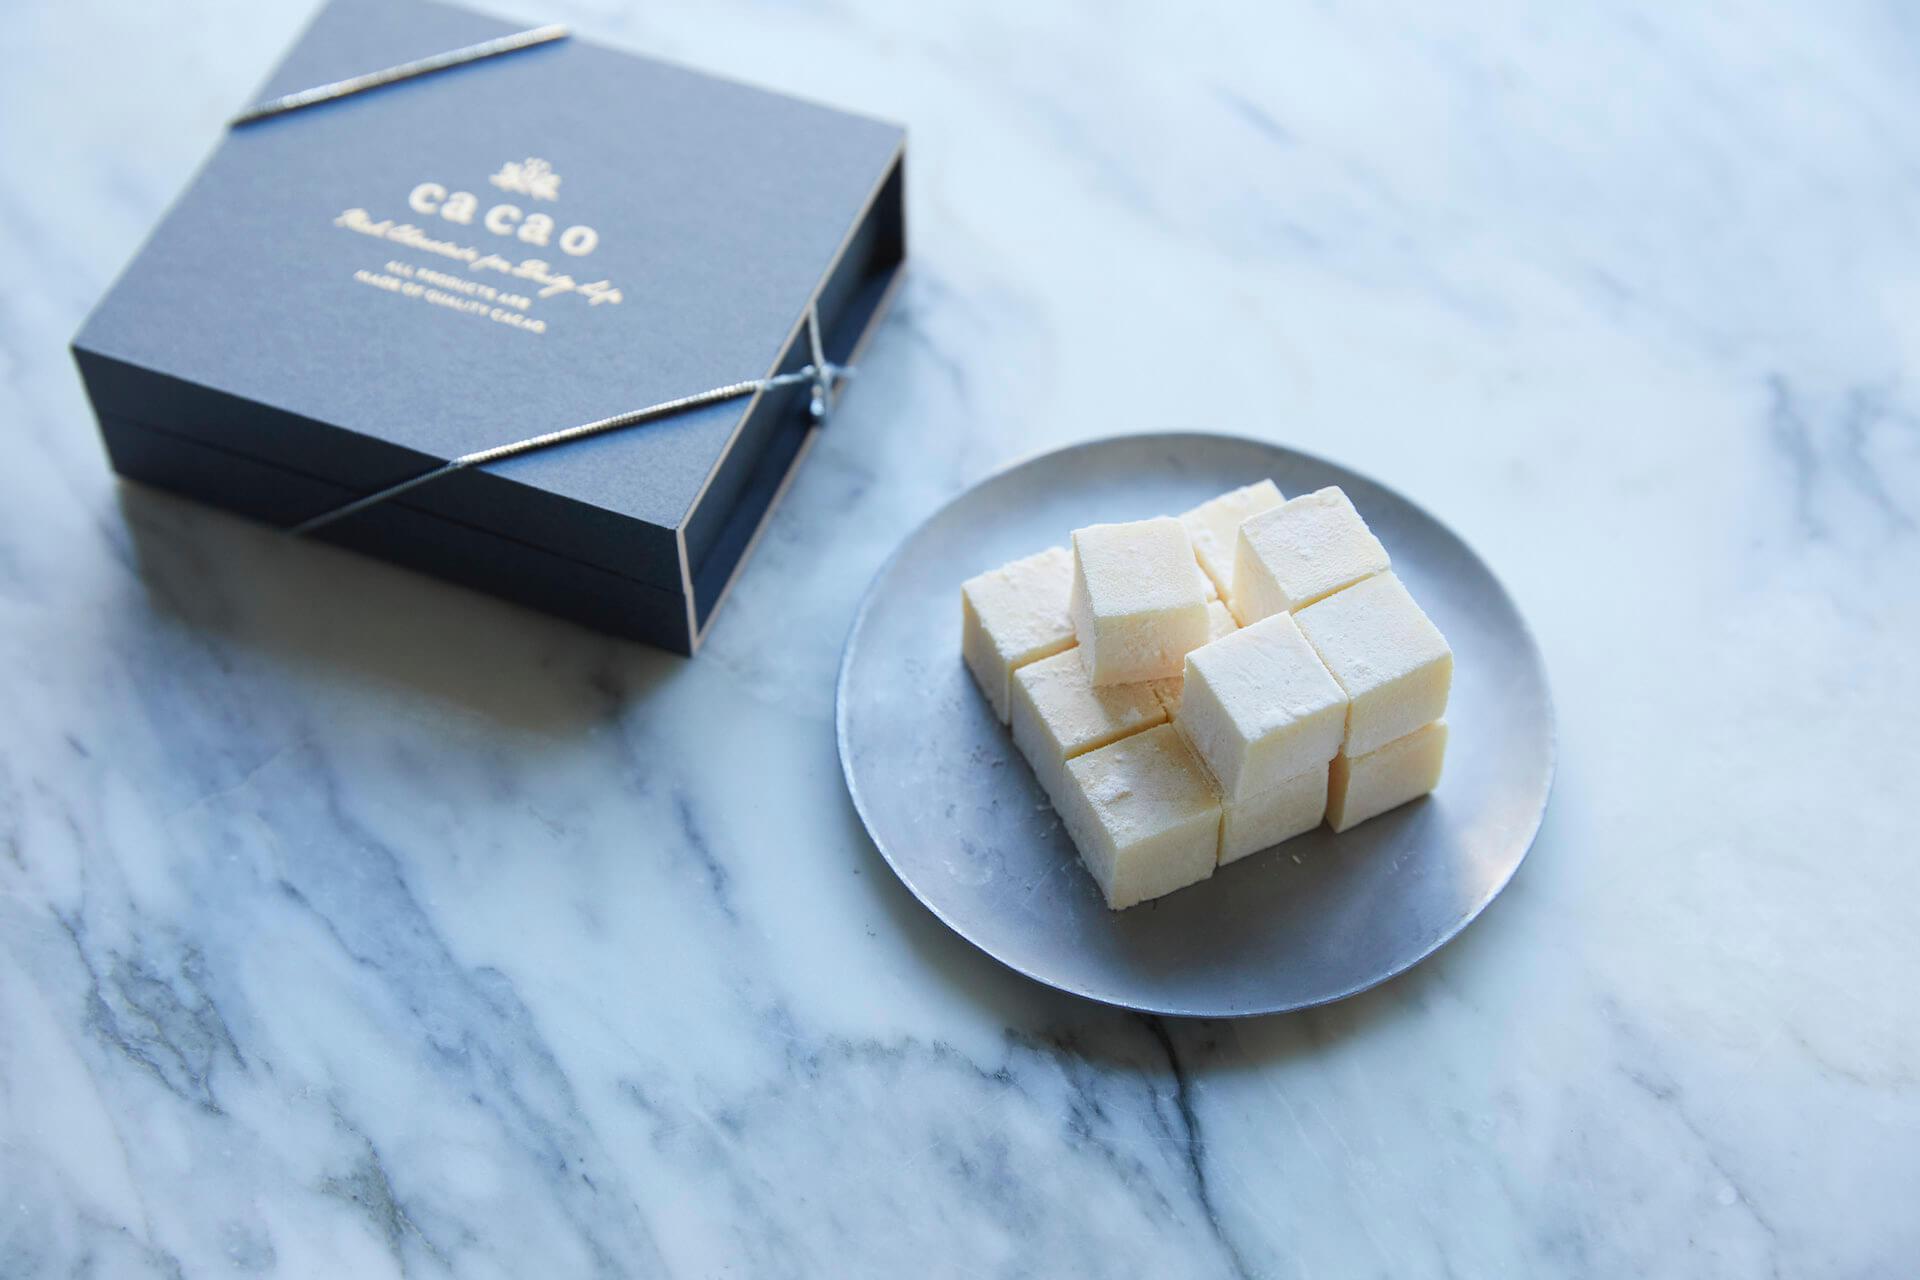 MAISON CACAOの『アロマ生チョコレート〈ジン〉』がDEAN & DELUCAより登場!バレンタインにもぴったりなジン風味のホワイトチョコに ad98076acaf71a030c1c6b7666e4dbd1